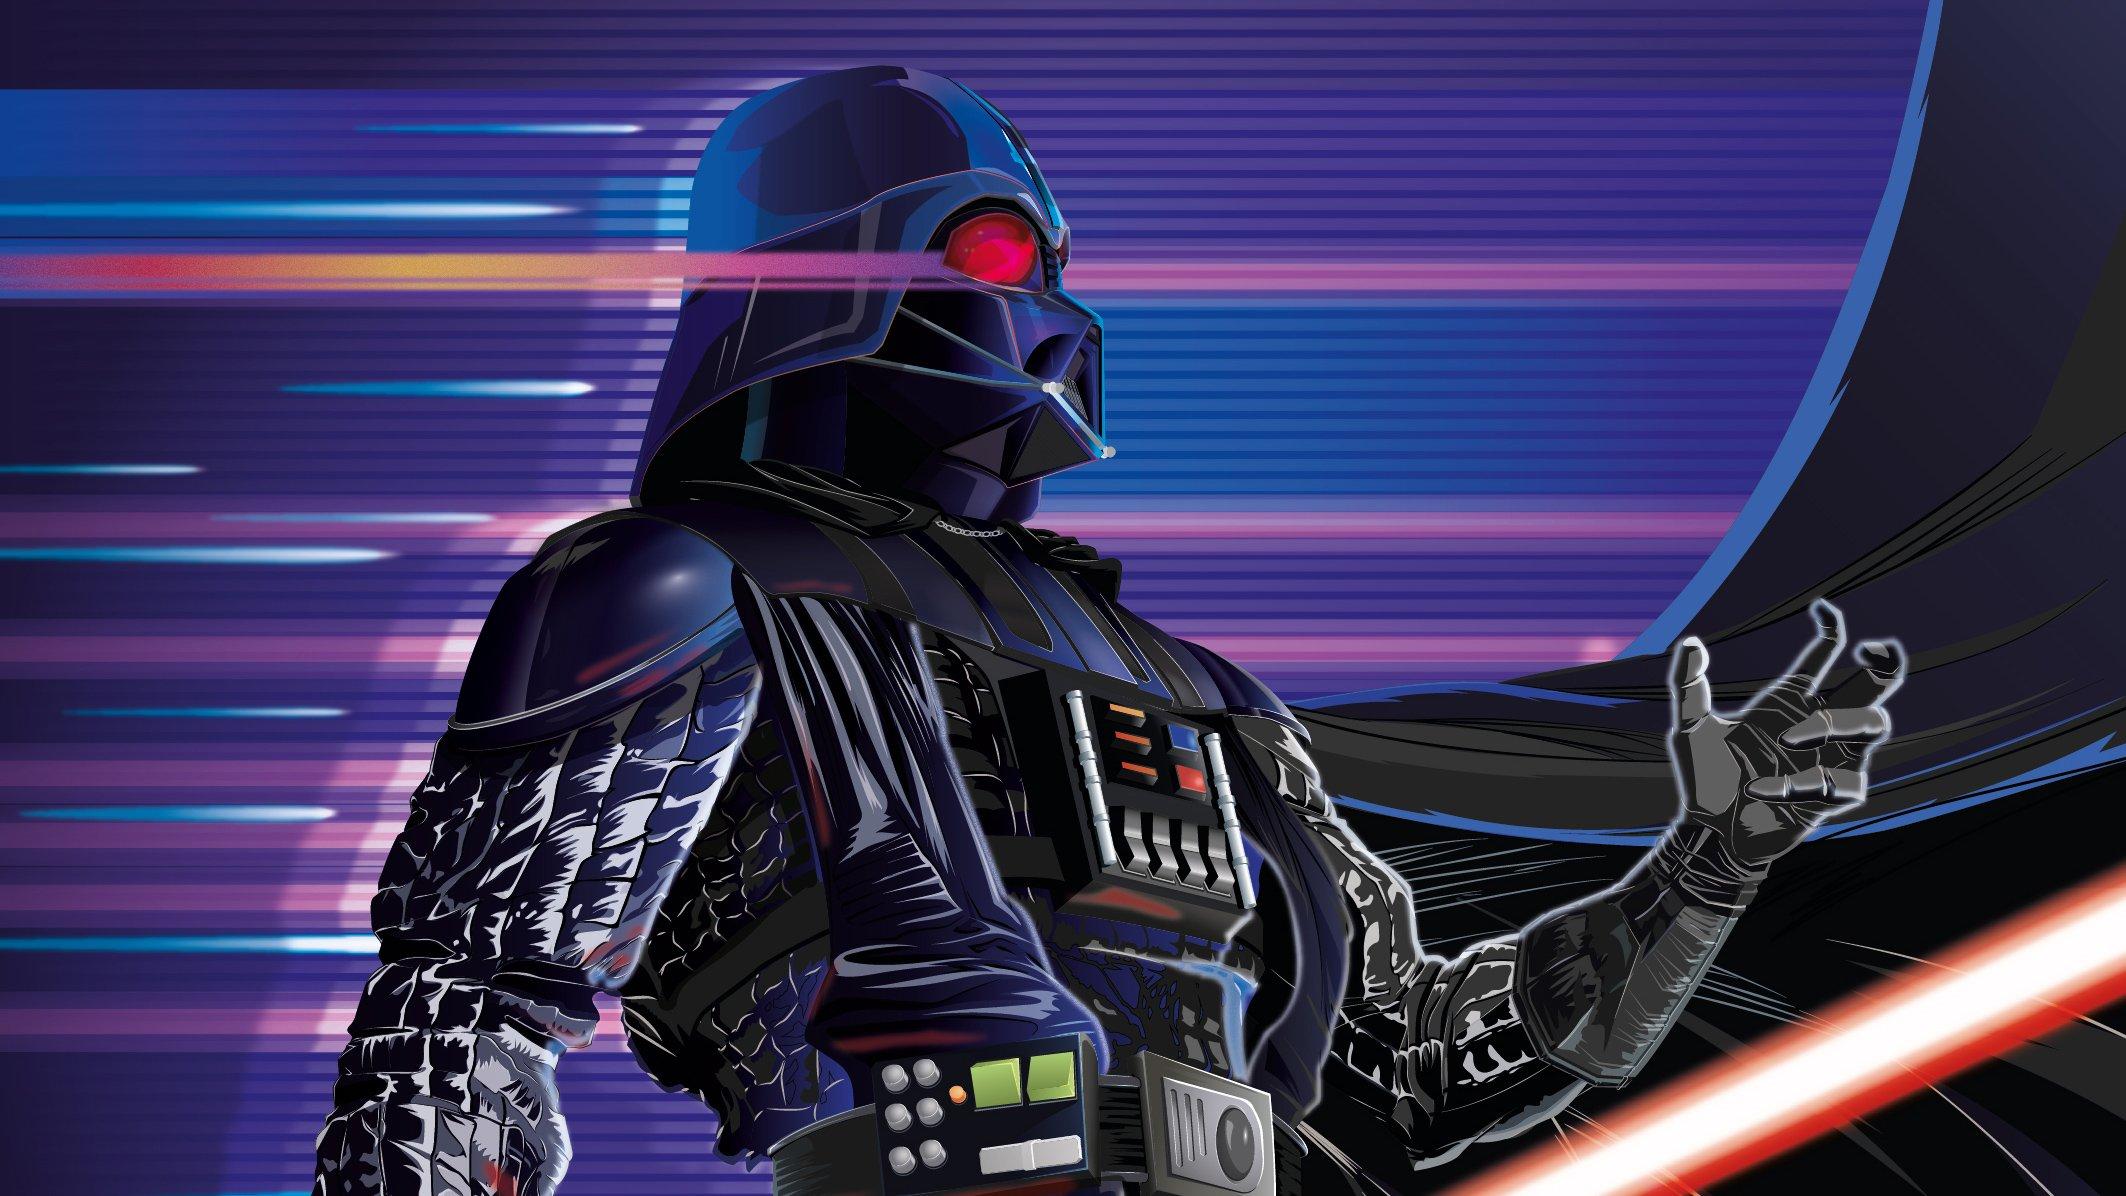 Fondos de pantalla Darth Vader estilo Synthwave